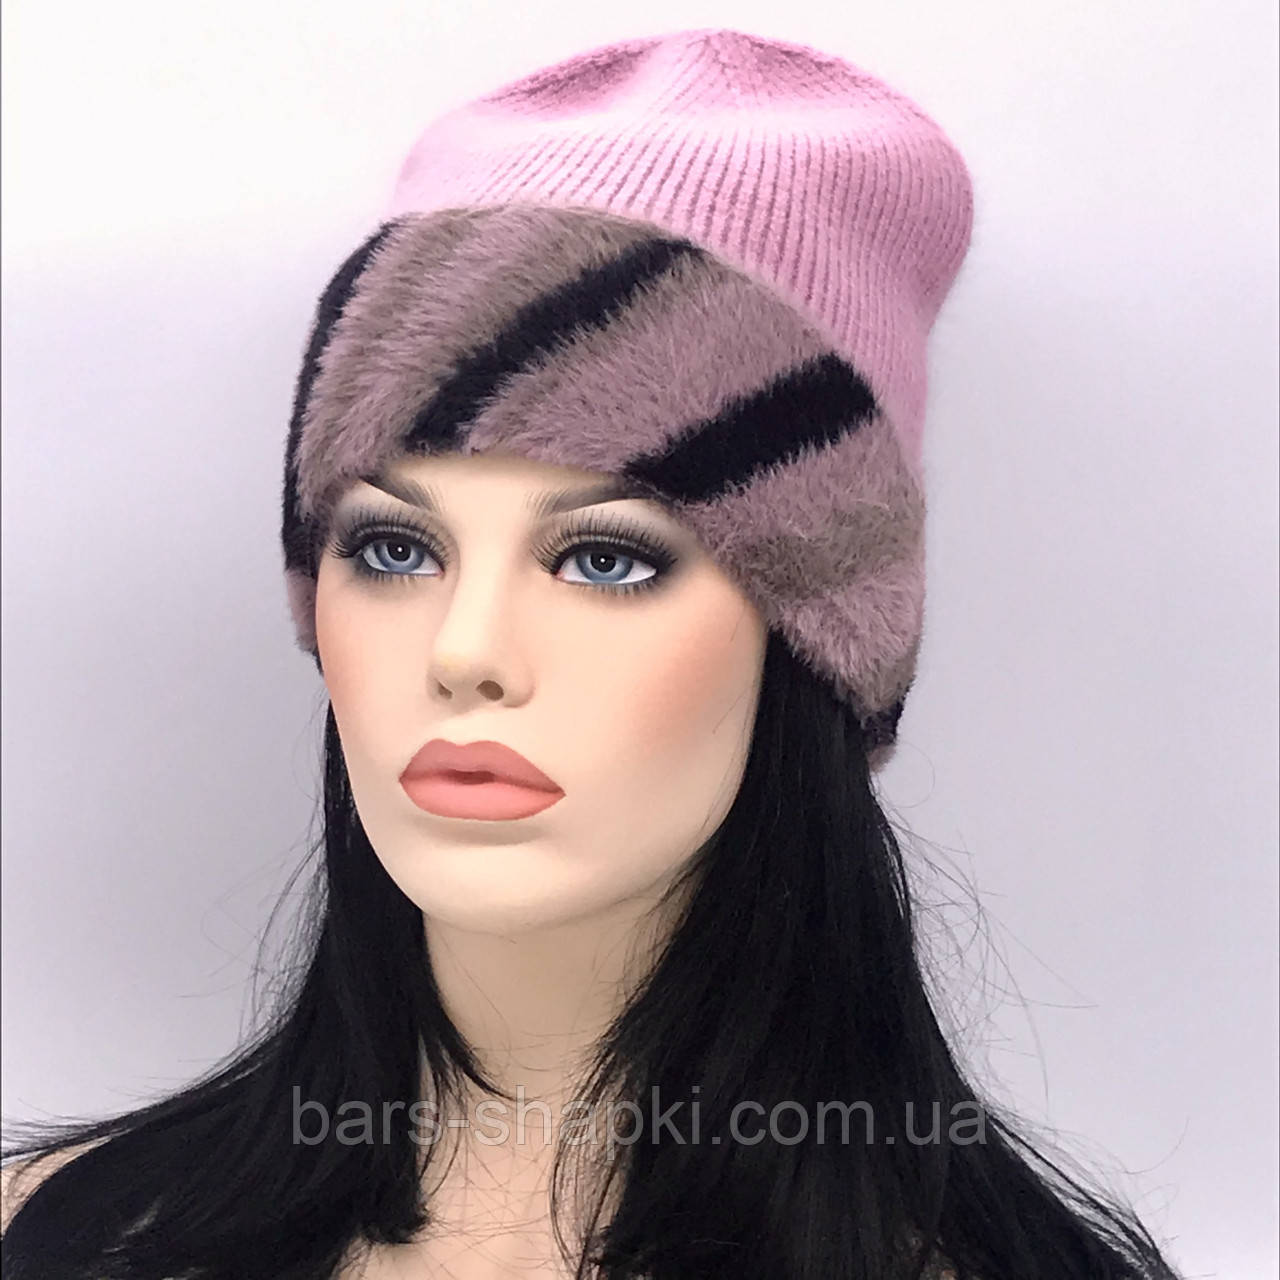 Трикотажная шапочка с цветным отворотом. Цвет розовый.